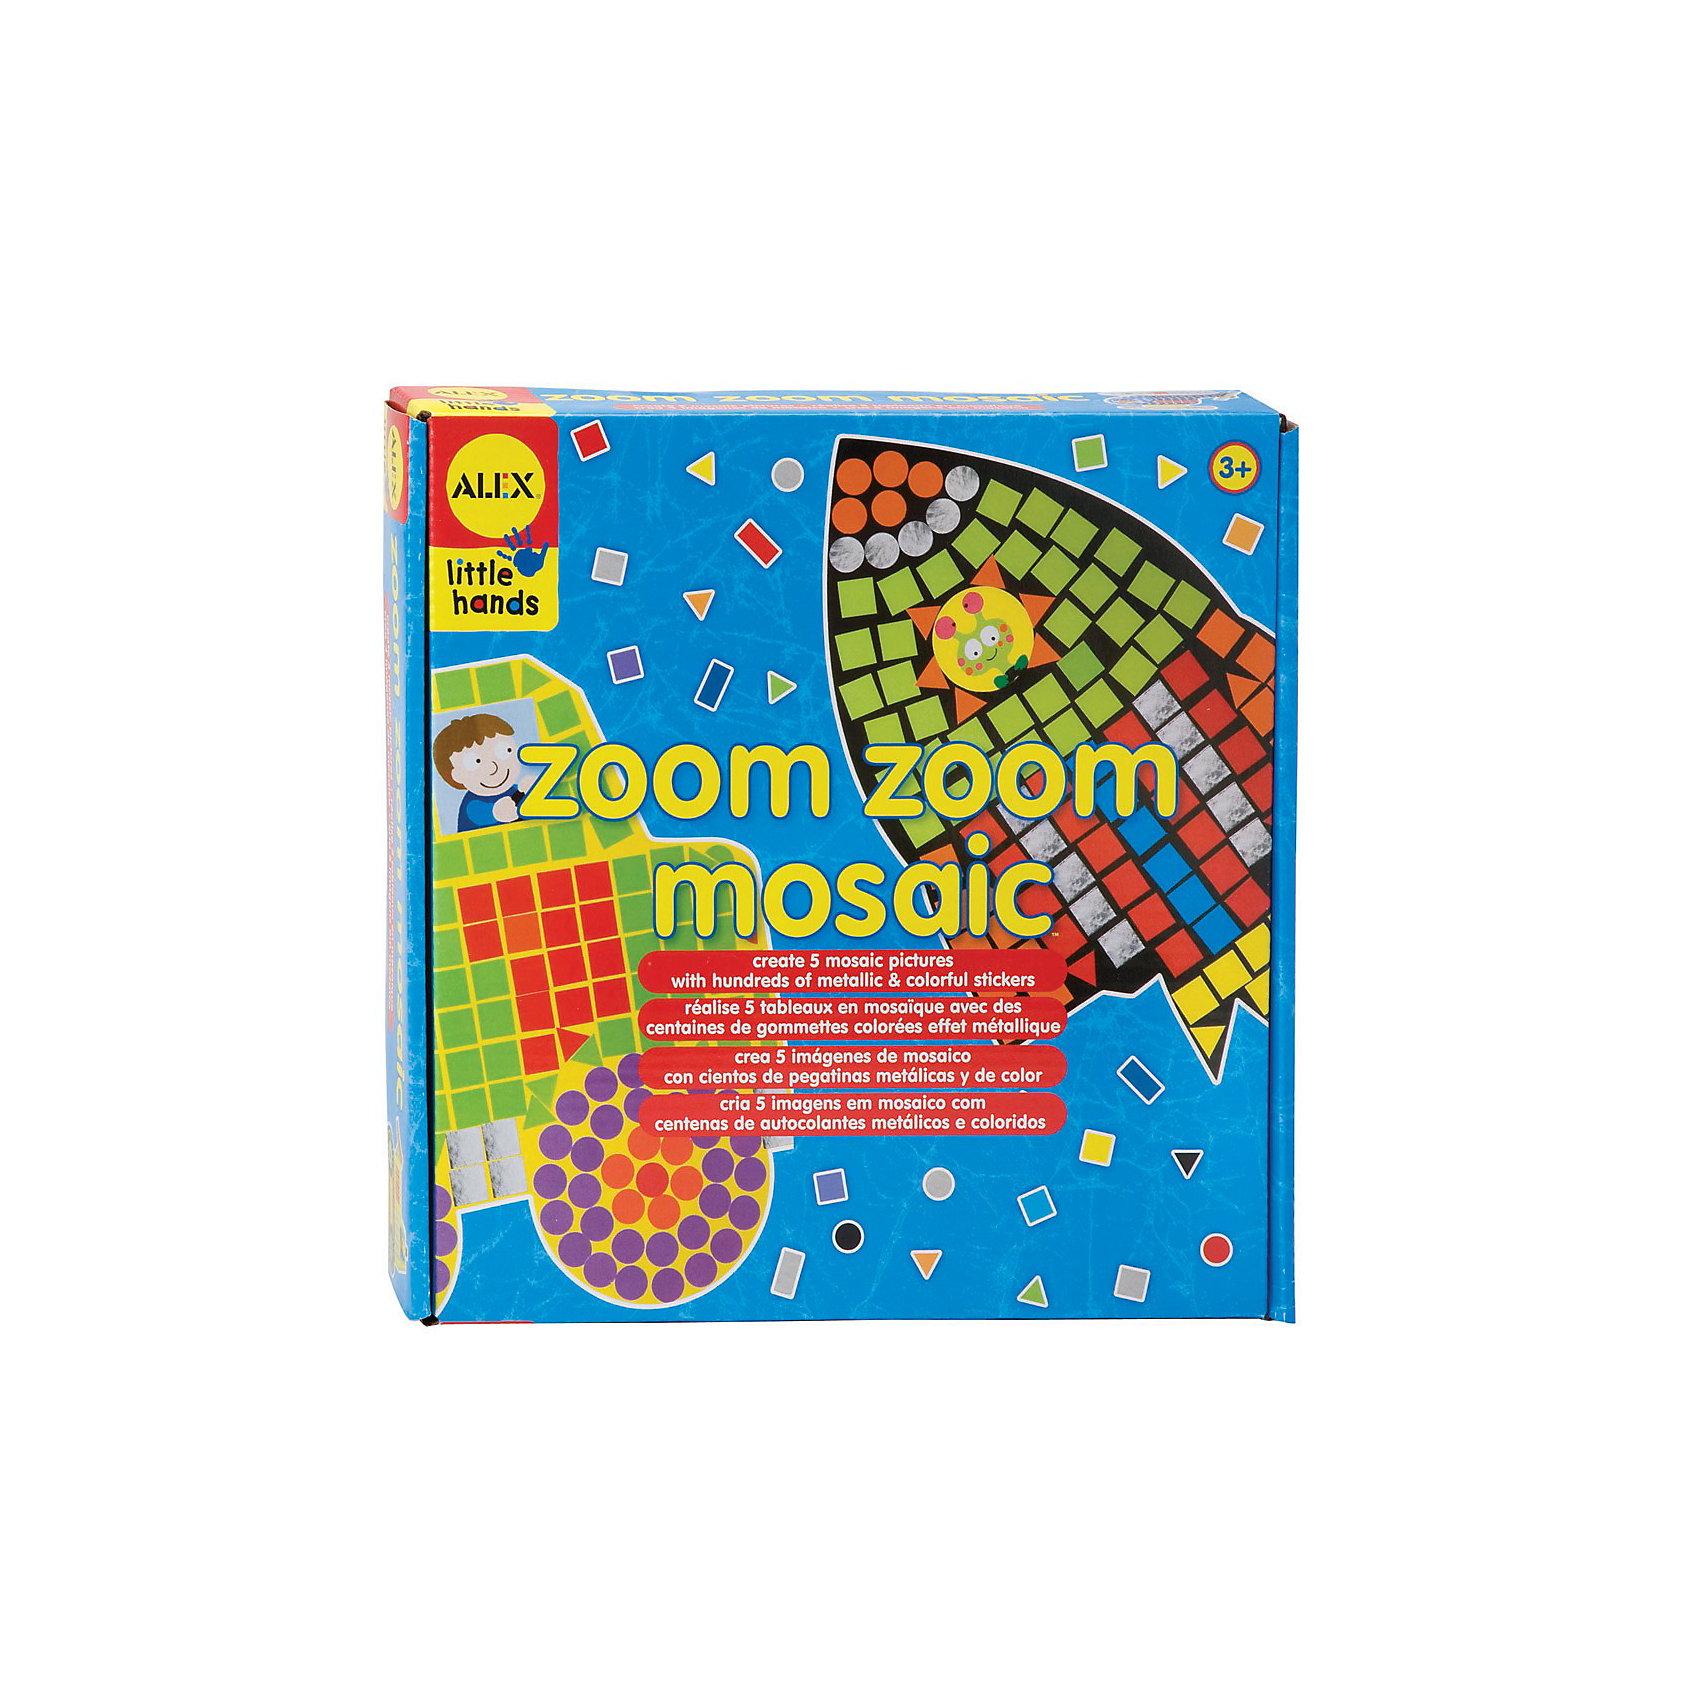 Мозаика Ускорение ALEXМозаика<br>Мозаика Ускорение от АLEX (Алекс)  это оригинальный и увлекательный набор для детского творчества. В процессе наклеивания  ярких наклеек разной формы и пяти картин-заготовок  ребенок сможет своими руками создать красивые картины. На основу уже нанесен контур изображения, ребенку необходимо заполнить белые участки в форме квадратов, кругов и треугольников разноцветными стикерами соответствующей формы. Малыш сможет создать мозаичные картинки с изображением ракеты, вертолета, пожарной машины, экскаватора и автомобиля.<br>Набор для творчества поможет малышу в развитии фантазии, изобретательности, аккуратности, а также развивает мелкую моторику рук и терпение.<br> <br>Дополнительная информация: <br>- В наборе: 5 картинок-заготовок, 1400 наклеек разных цветов и формы, в т.ч. металлизированные и простая иллюстрированная инструкция.<br>- Материал: картон, бумага<br>- Размер упаковки: 26х26х5 см.<br>- Размер основы: 24 см х 23,5 см<br>- Упаковка: картонная коробка.<br>- Вес: 272 г.<br><br>С мозаикой Ускорение Ваш ребенок сможет каждый день создавать собственными руками маленькие произведения искусства!<br><br>Мозаика Ускорение ALEX можно купить в нашем интернет-магазине.<br><br>Ширина мм: 260<br>Глубина мм: 260<br>Высота мм: 51<br>Вес г: 272<br>Возраст от месяцев: 36<br>Возраст до месяцев: 72<br>Пол: Мужской<br>Возраст: Детский<br>SKU: 3309702